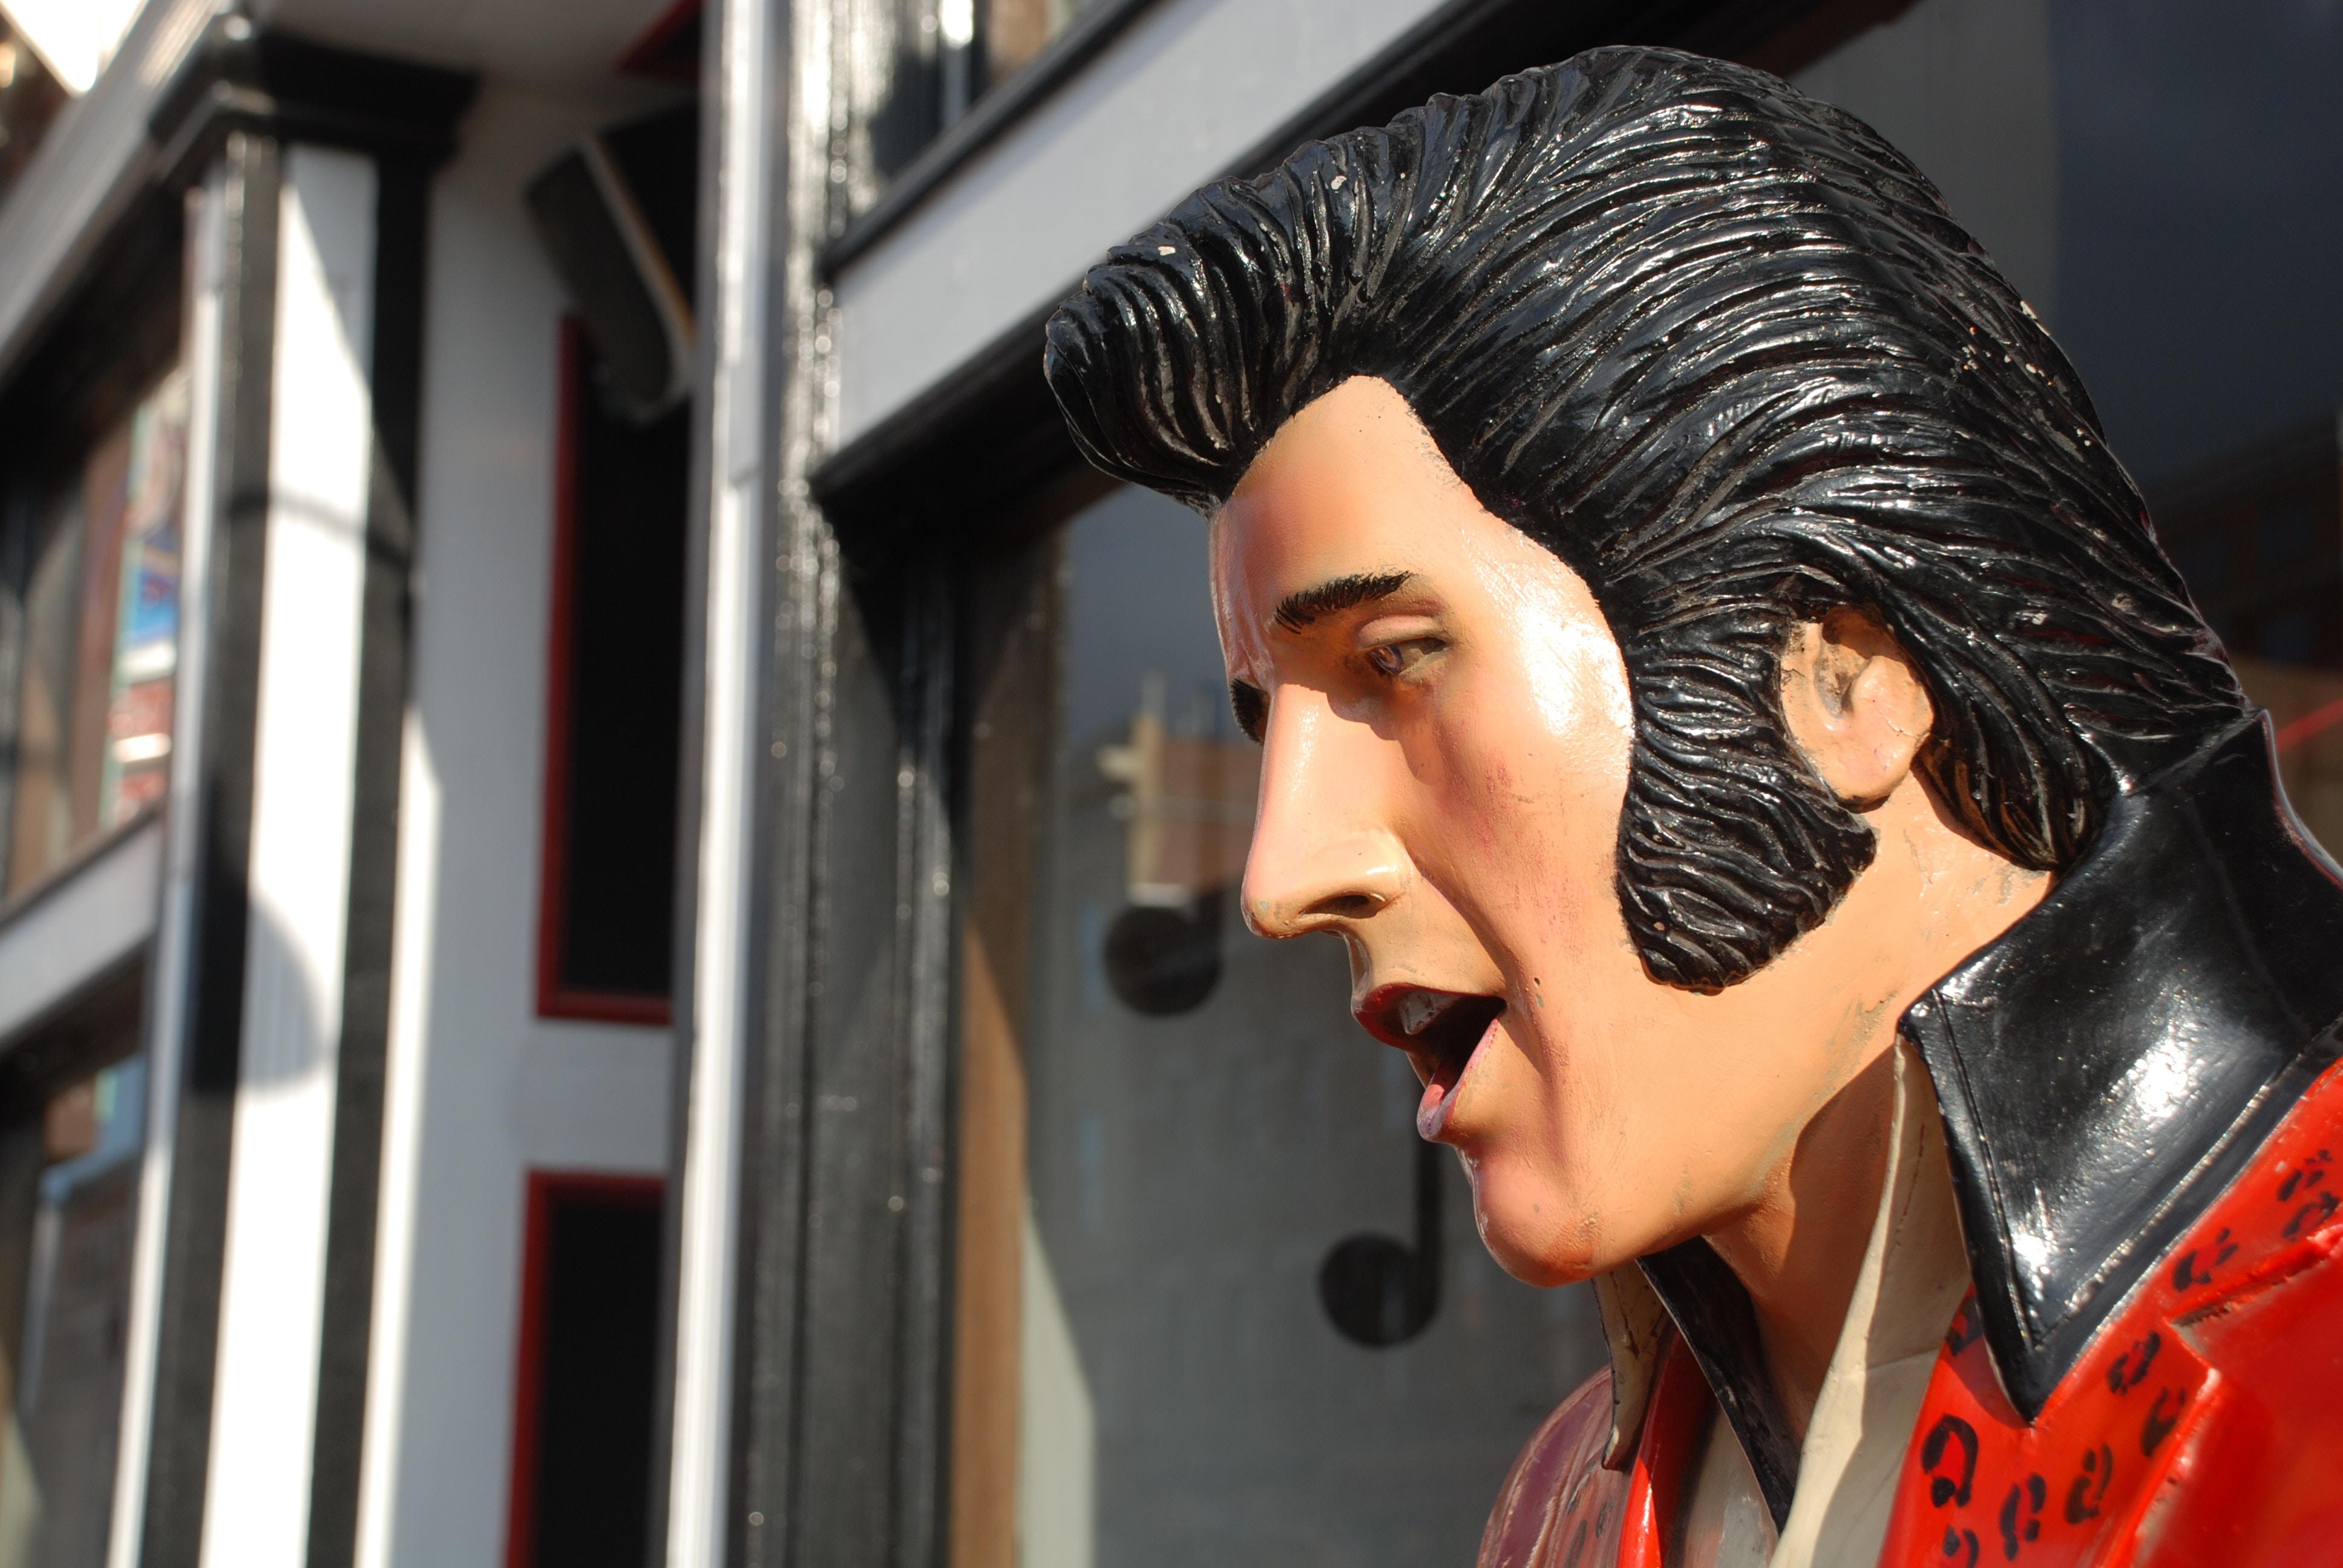 Elvis lebt: 10 berühmte Legenden die eigentlich schon tot sind aber wahrscheinlich doch noch irgendwo rumlungern